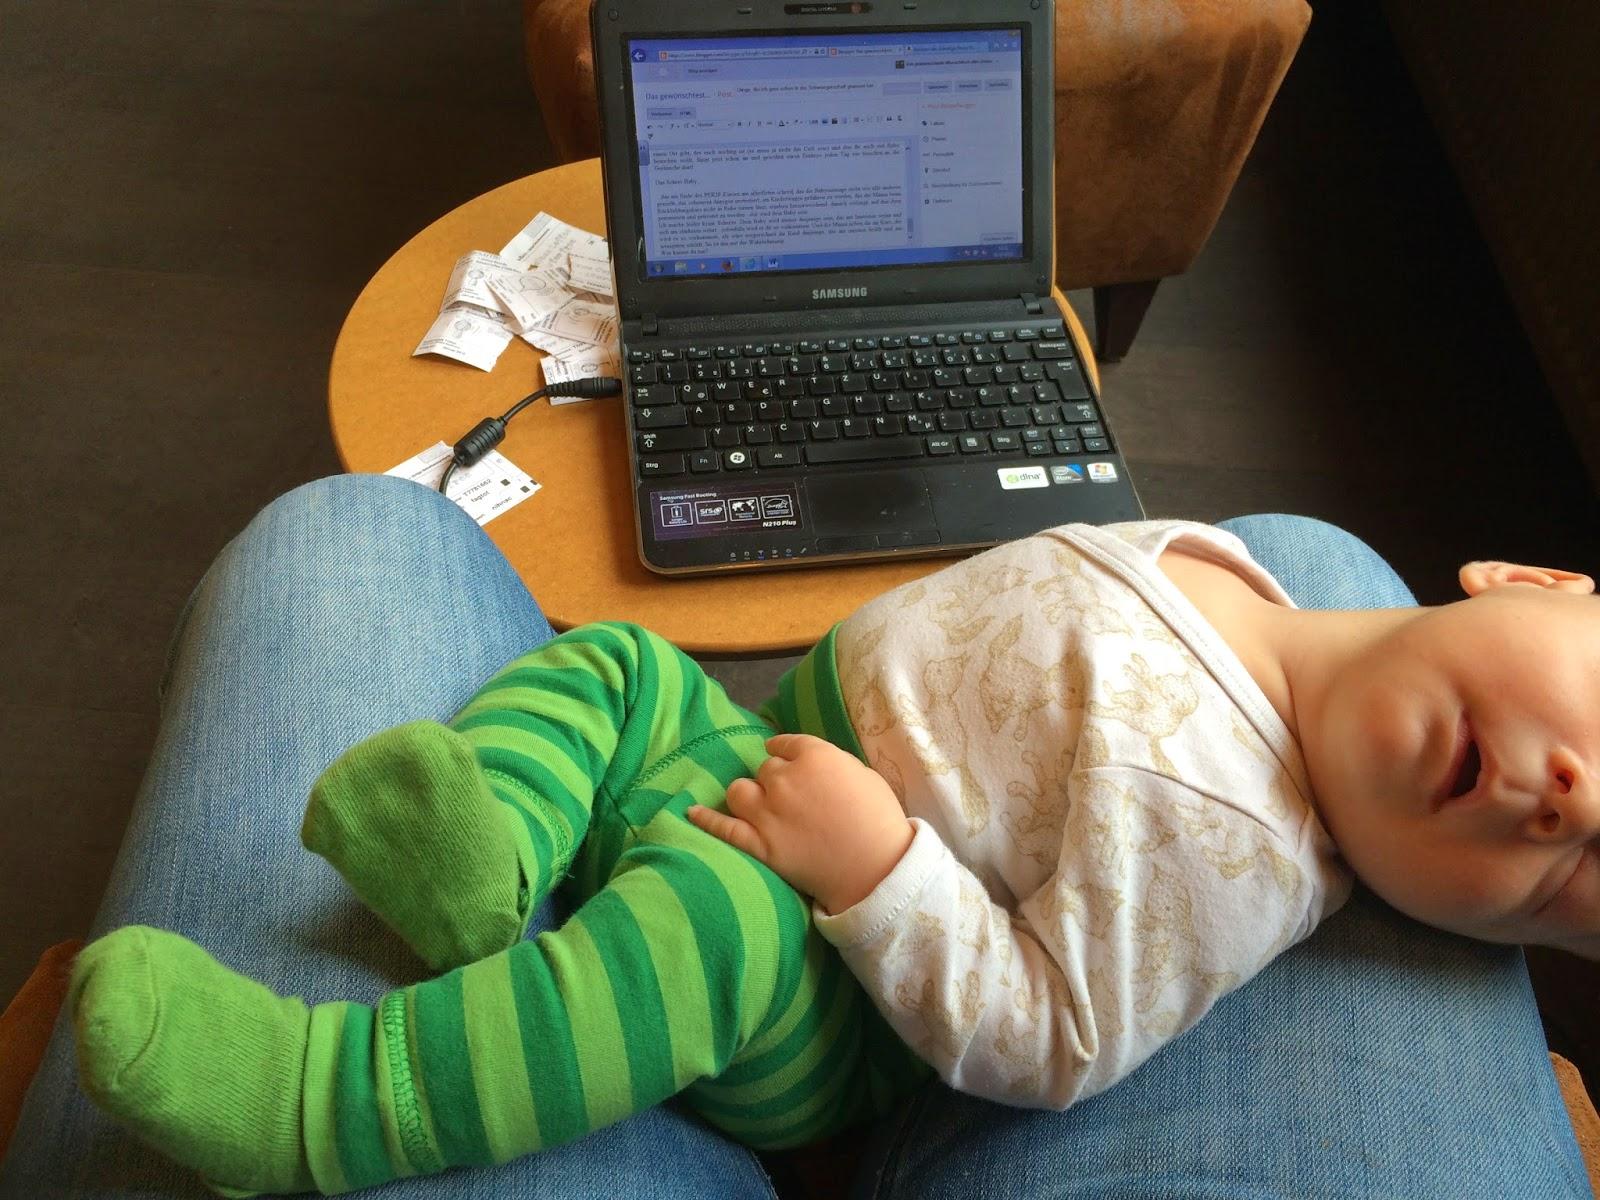 Baby liegt beim Schreiben am Laptop